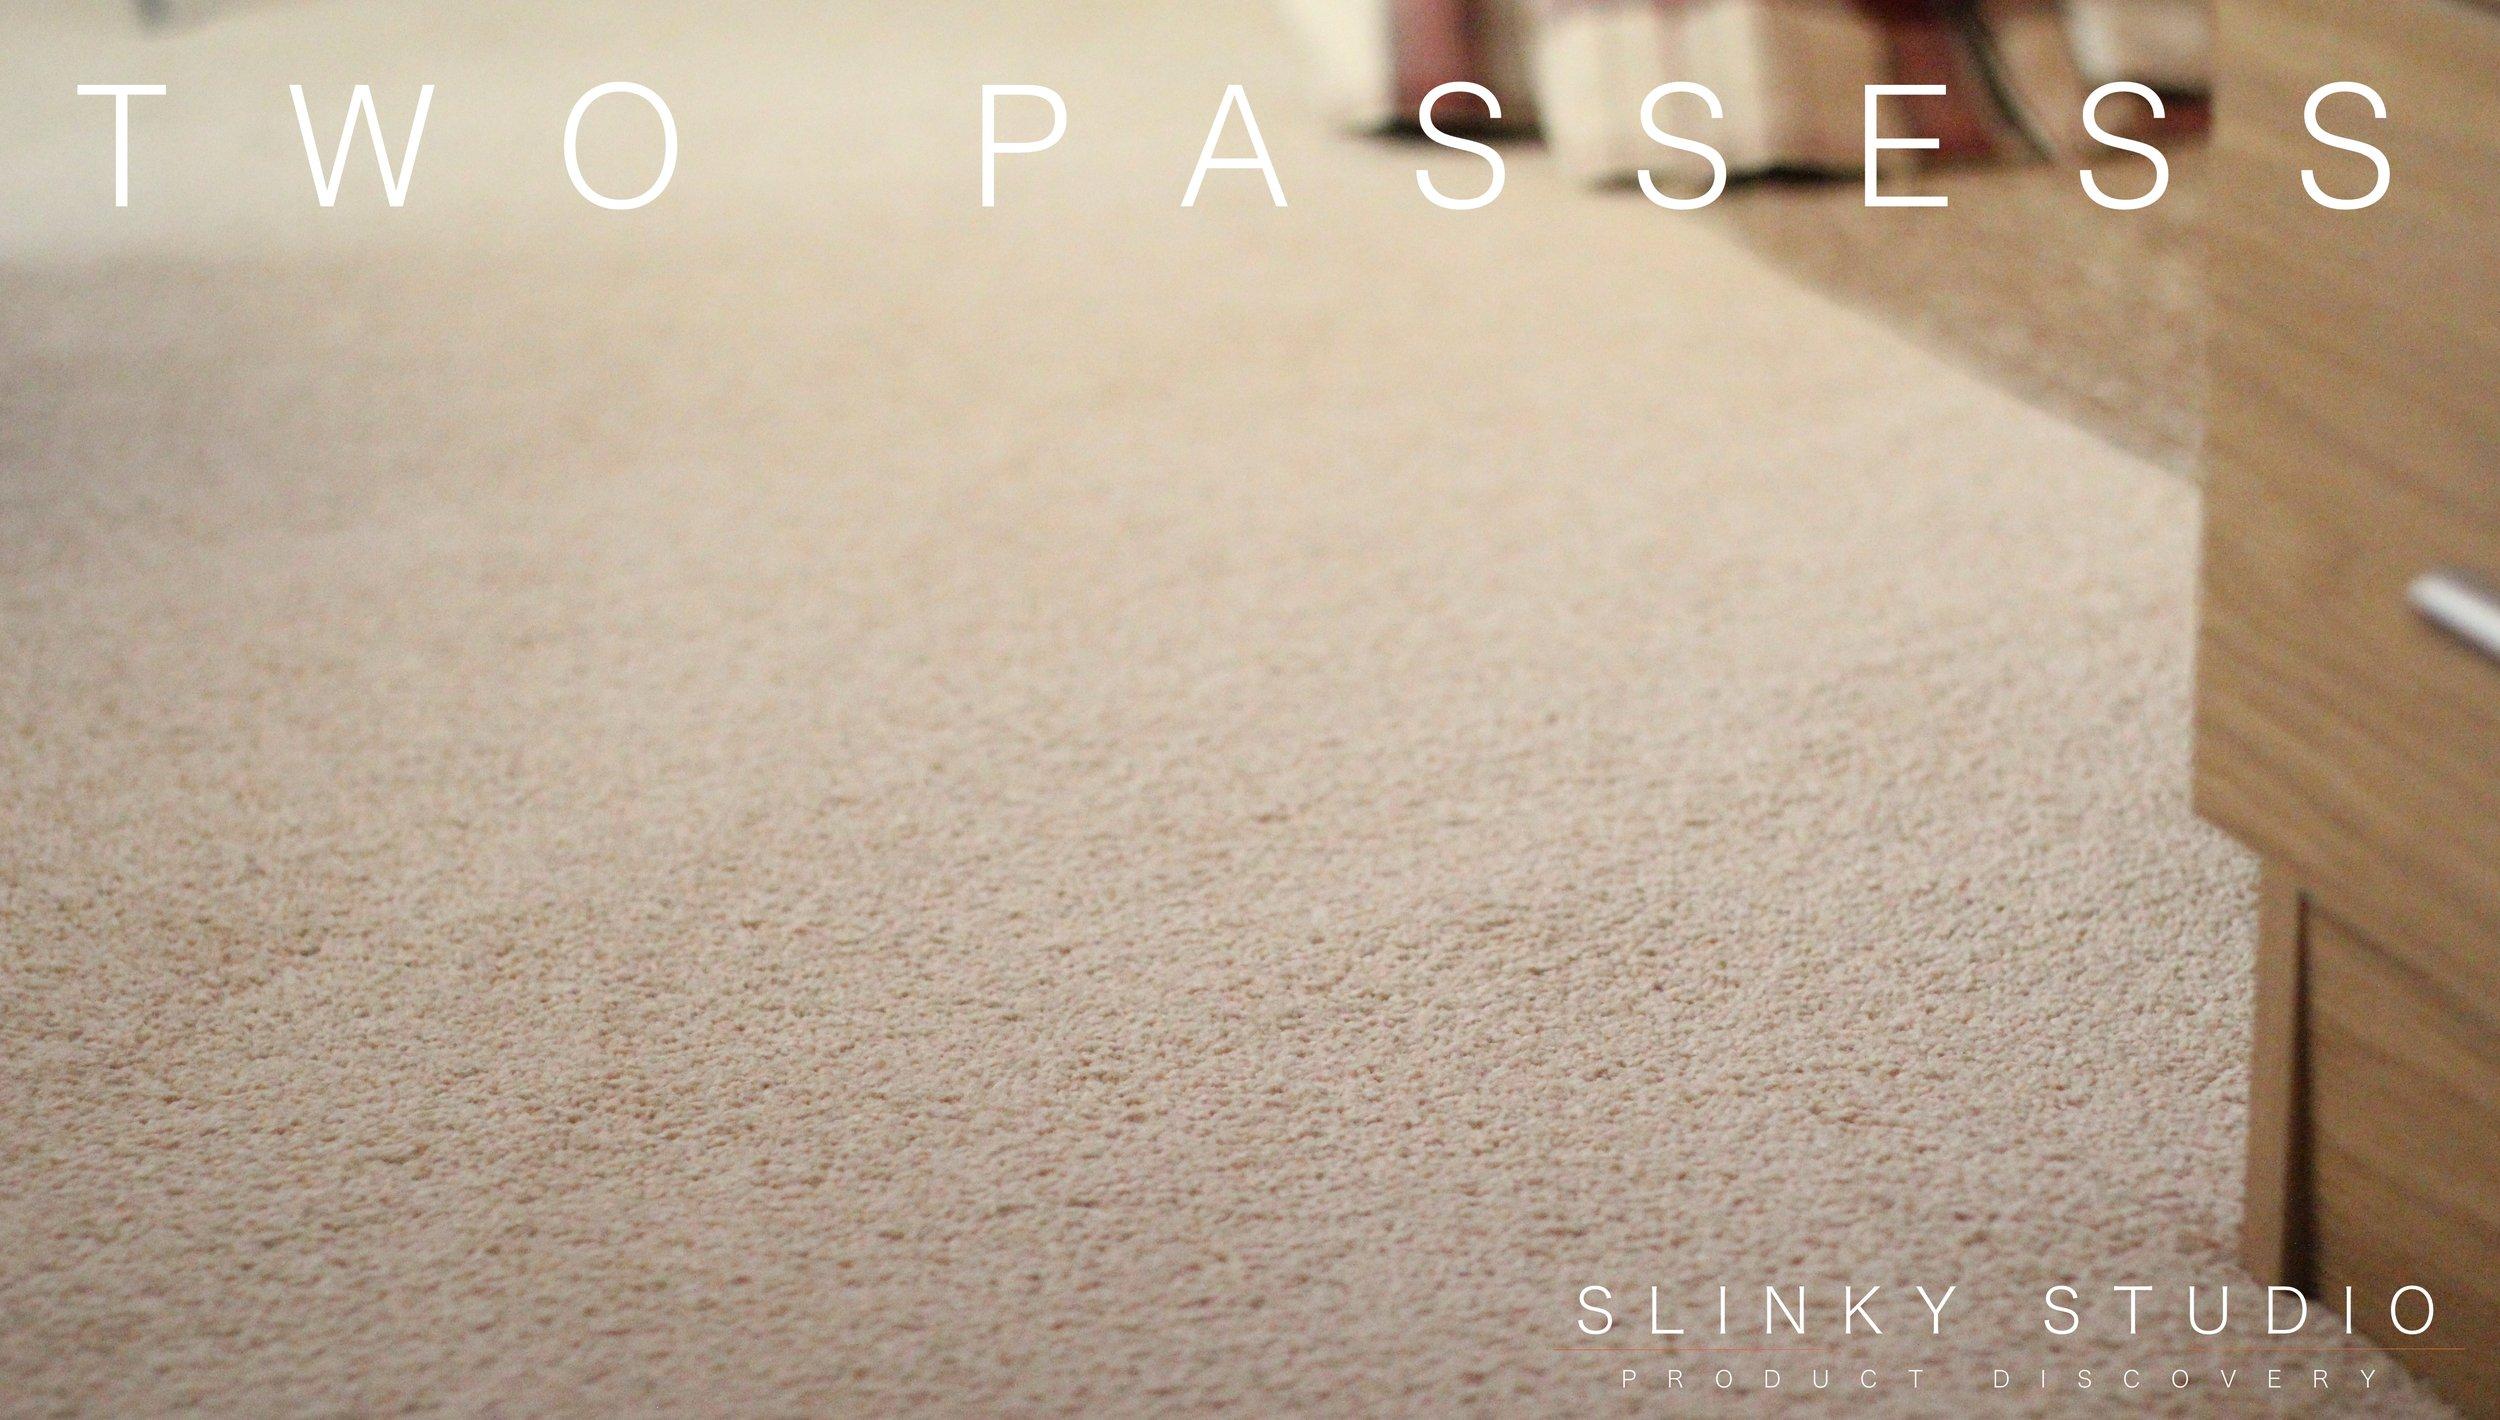 Beko Cordless Handheld & Upright Deluxe VRT6221P Cleaner Carpet Flour Test Two Passes.jpg